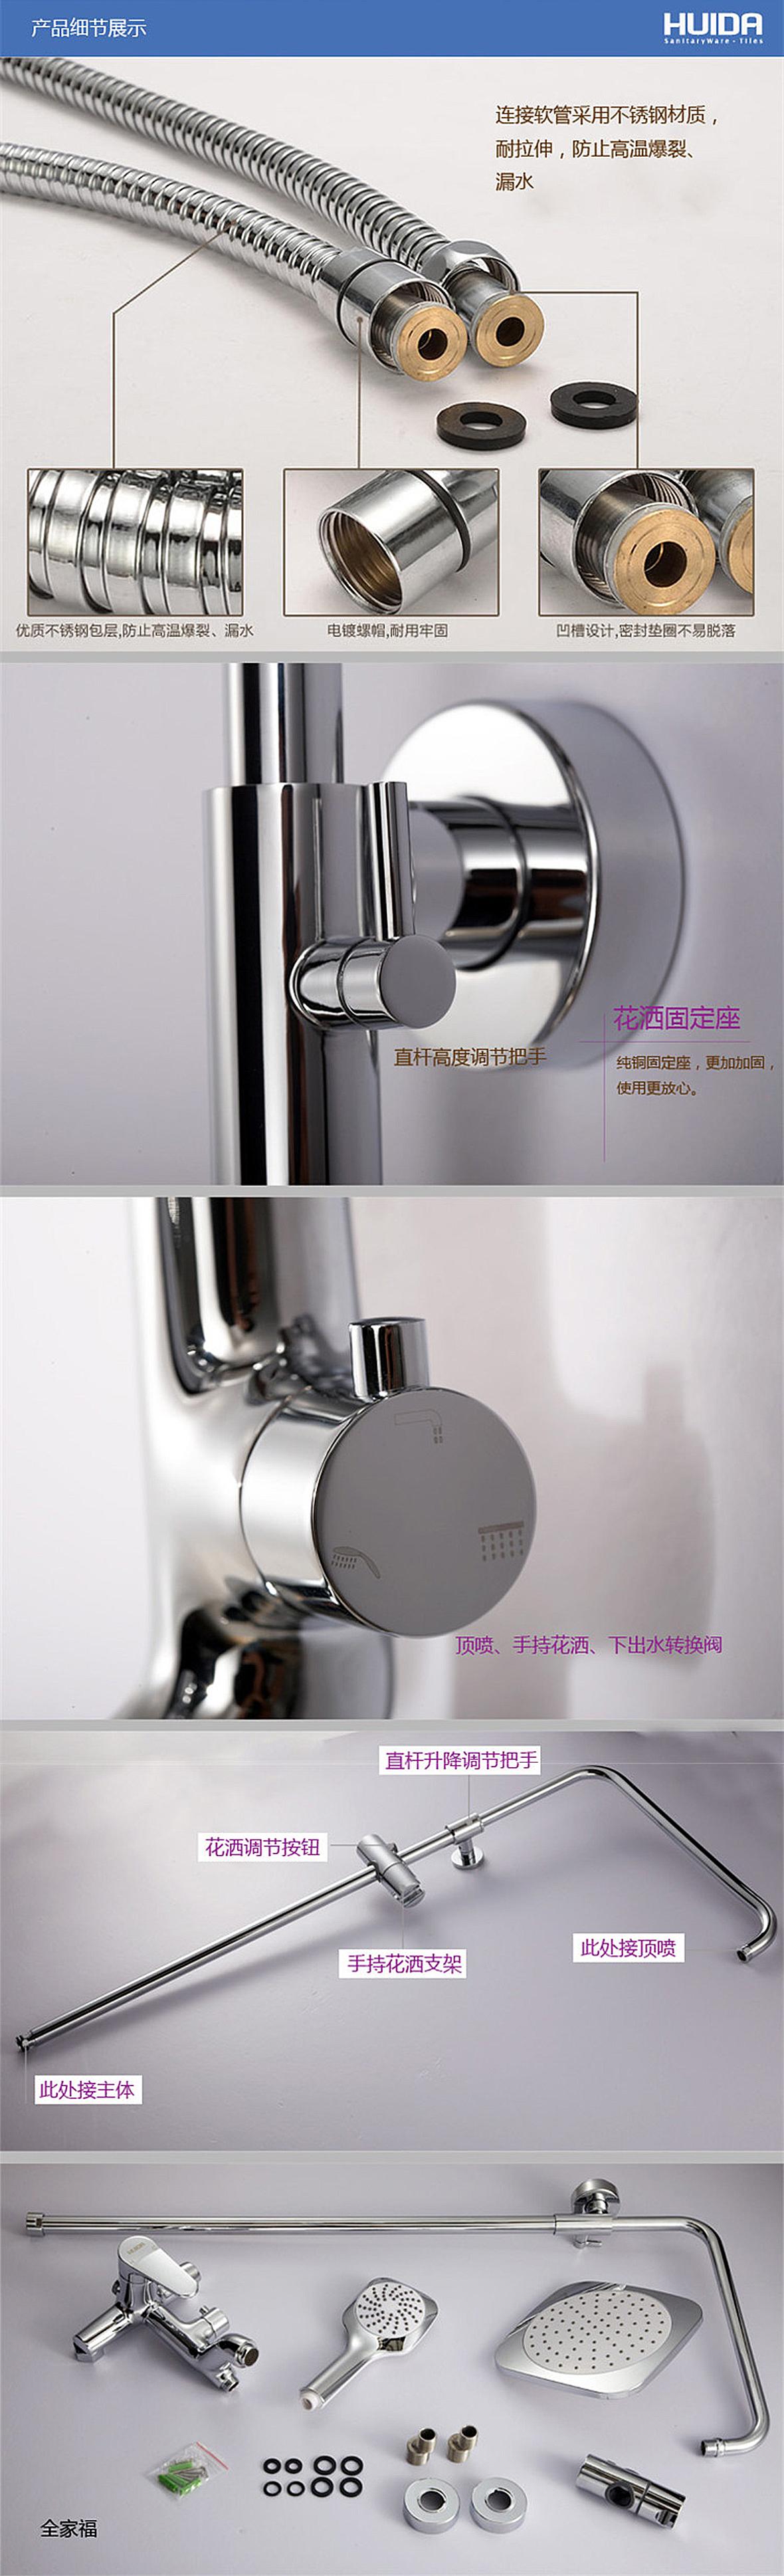 惠达卫浴 淋浴花洒 全铜结构淋浴器